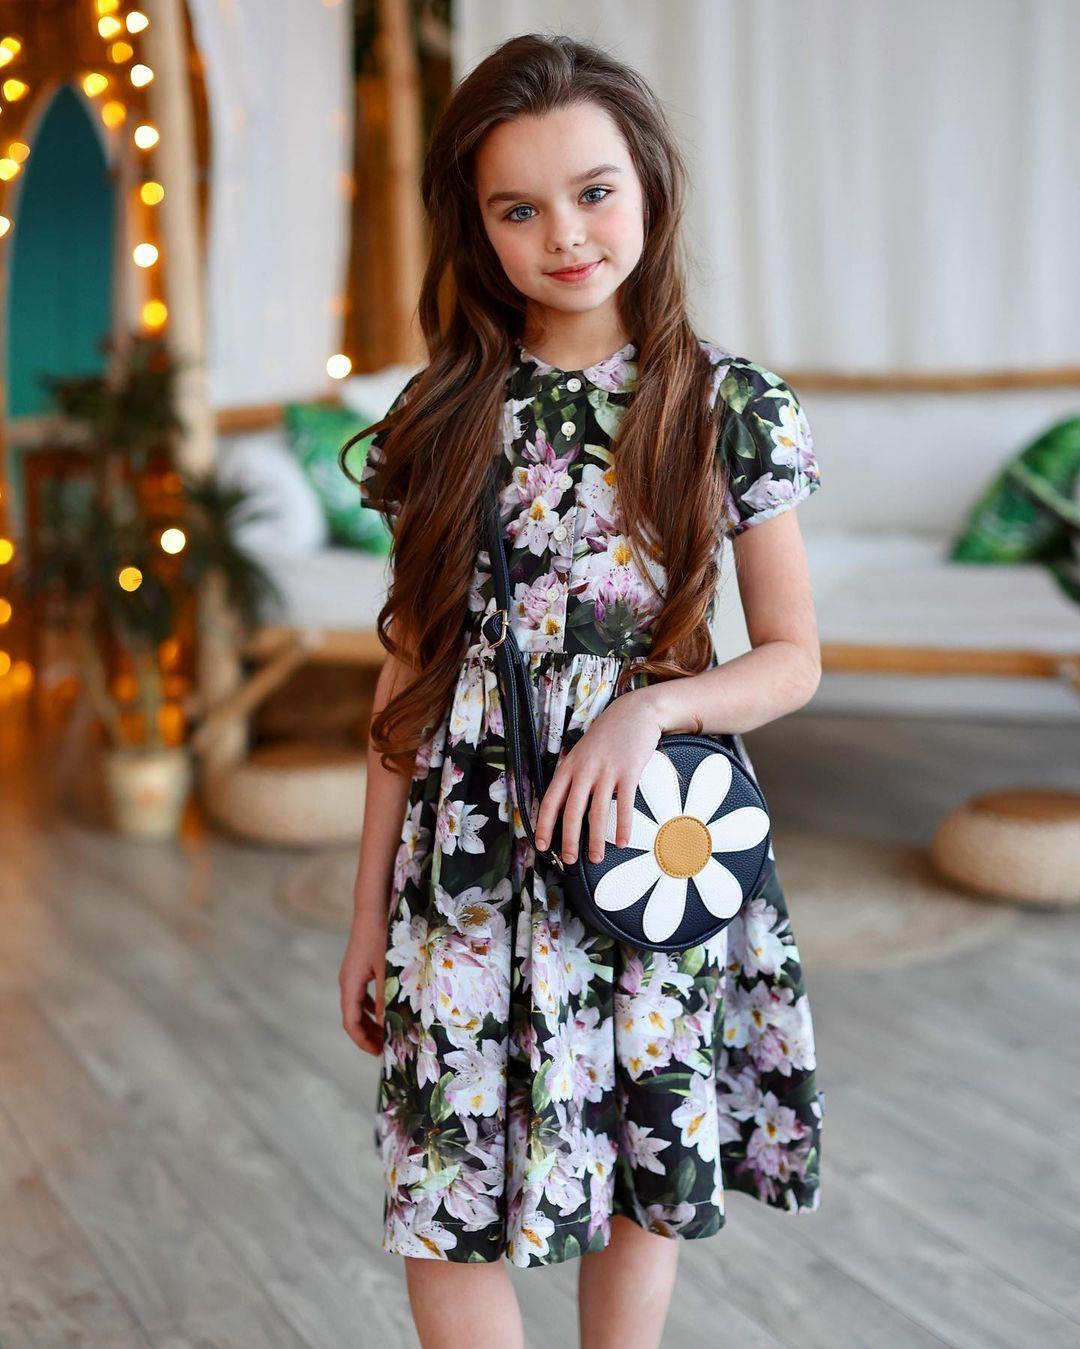 Cô bé người Nga được mệnh danh đẹp nhất thế giới 4 năm trước vẫn gây sốt với nhan sắc hiện tại, nhưng bất ngờ nhất là tiết lộ về chuyện học hành - Ảnh 7.